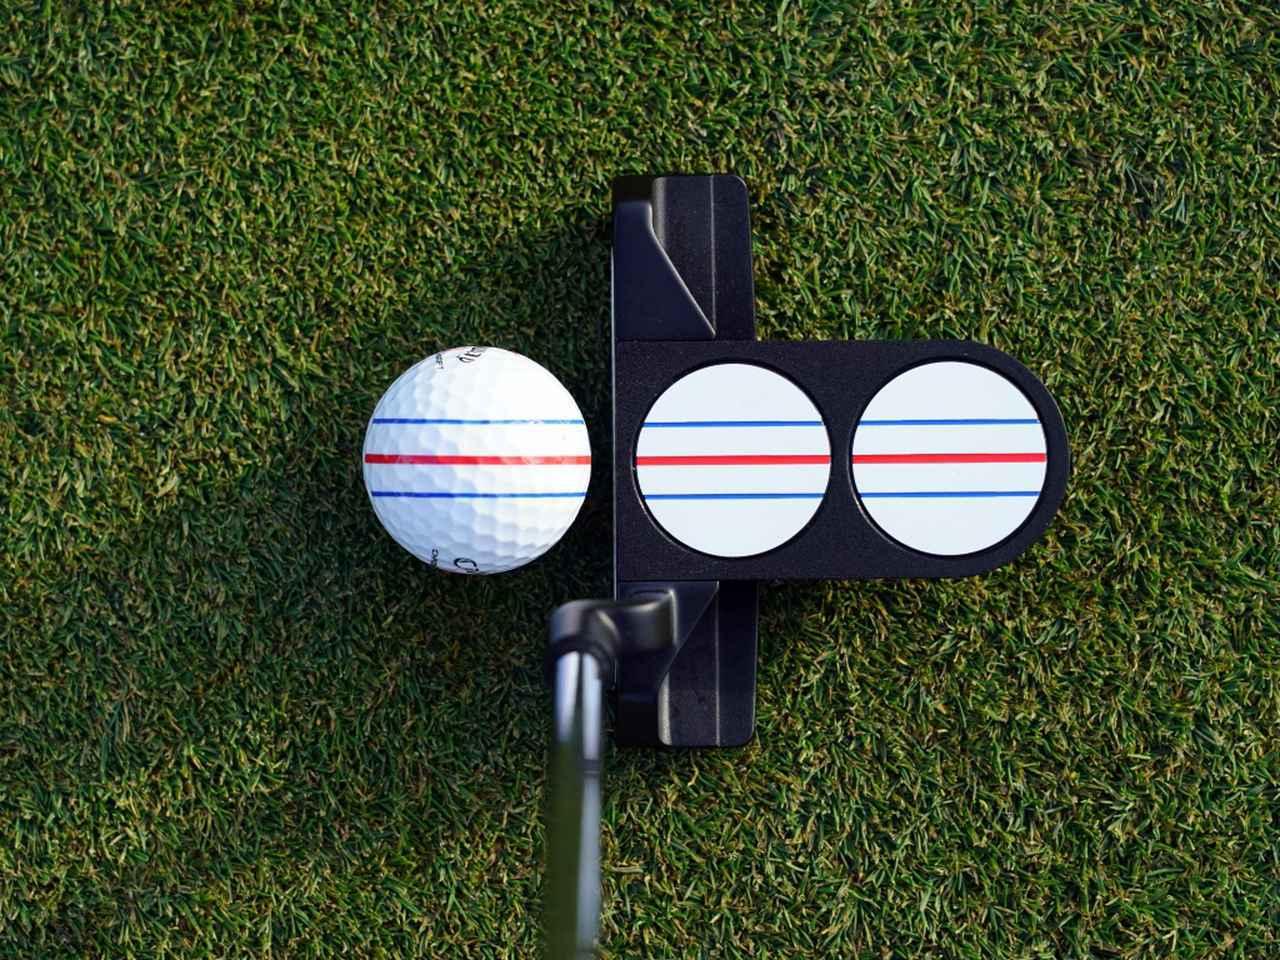 画像: 実際に構えるとこんな感じ。ボールの「トリプルトラック」と合わせると、イメージがかなり出しやすい